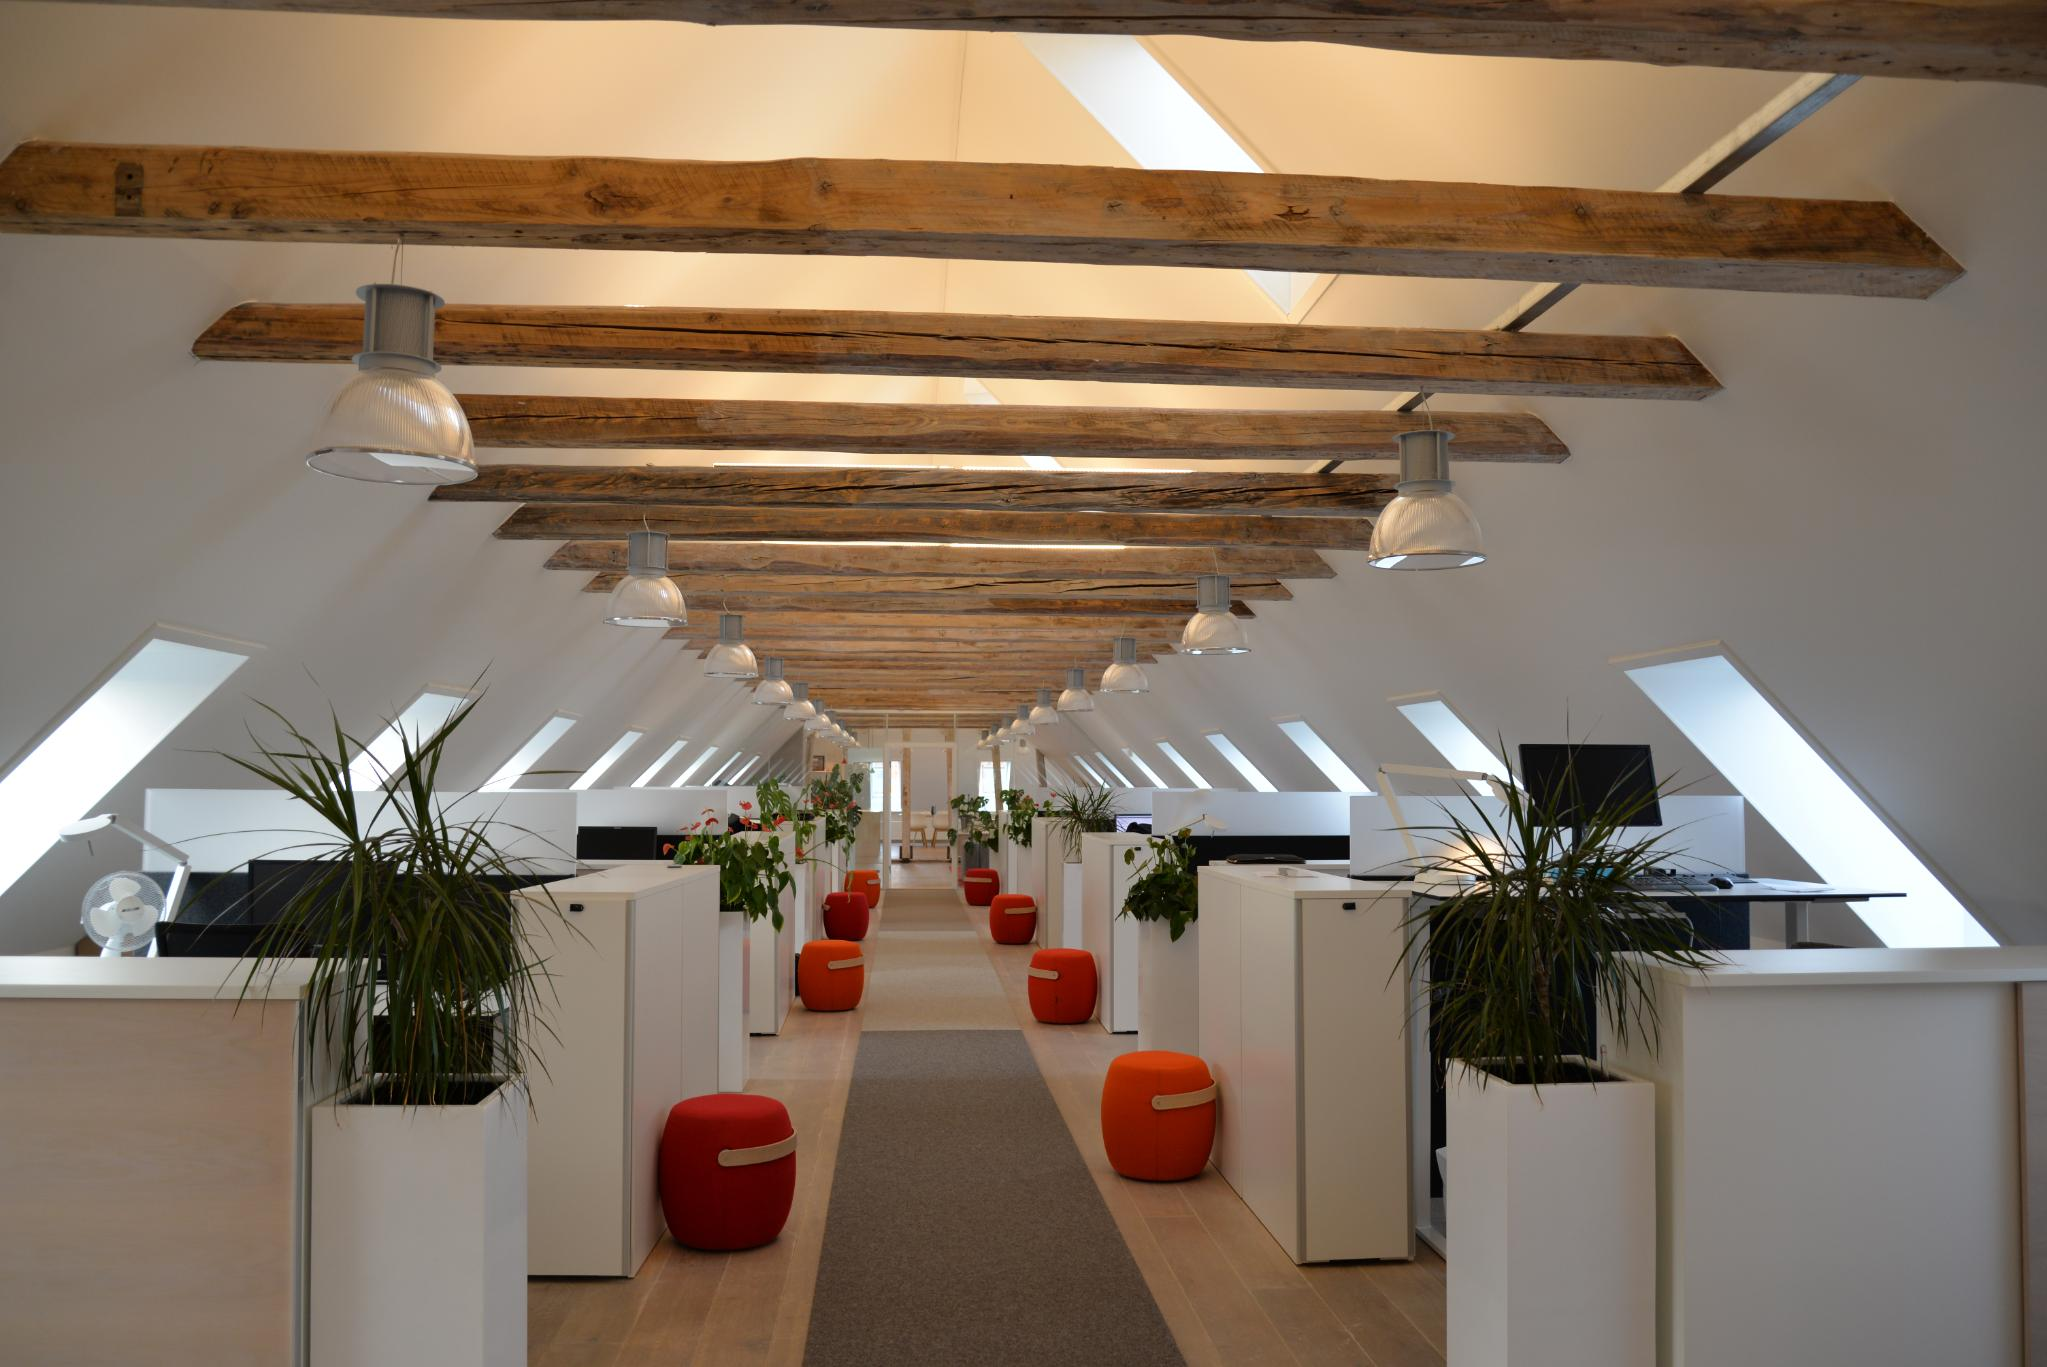 Pedab's office in Denmark